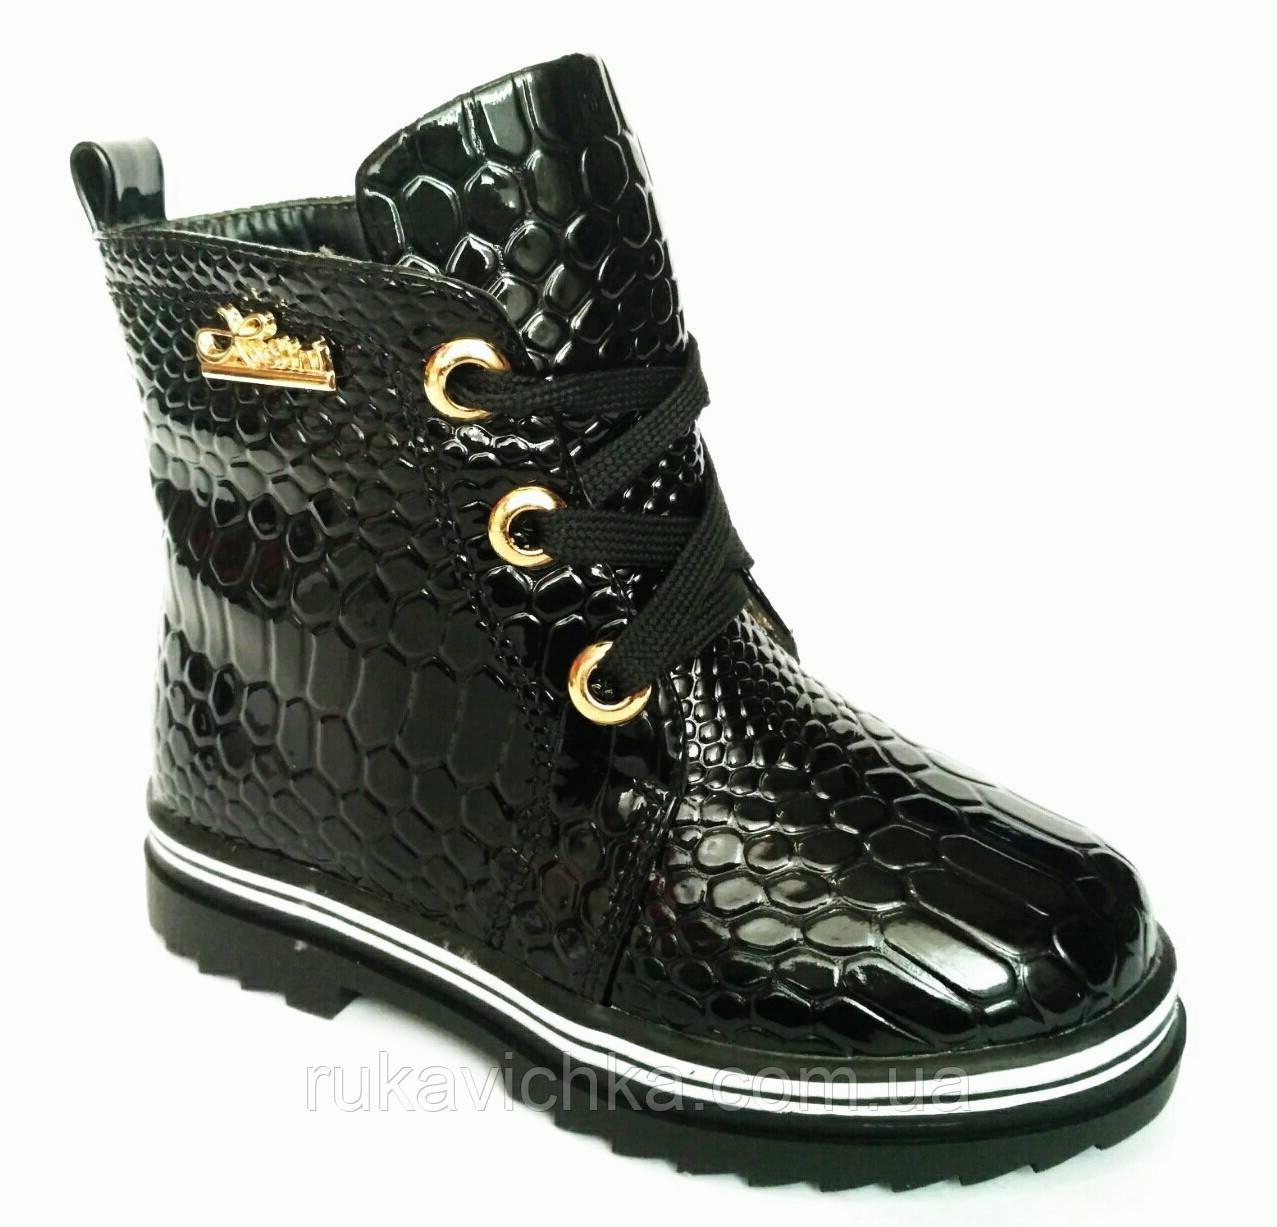 970b376e952c4 Качественные модные детские демисезонные ботинки для девочки, р. 30 - 19 см